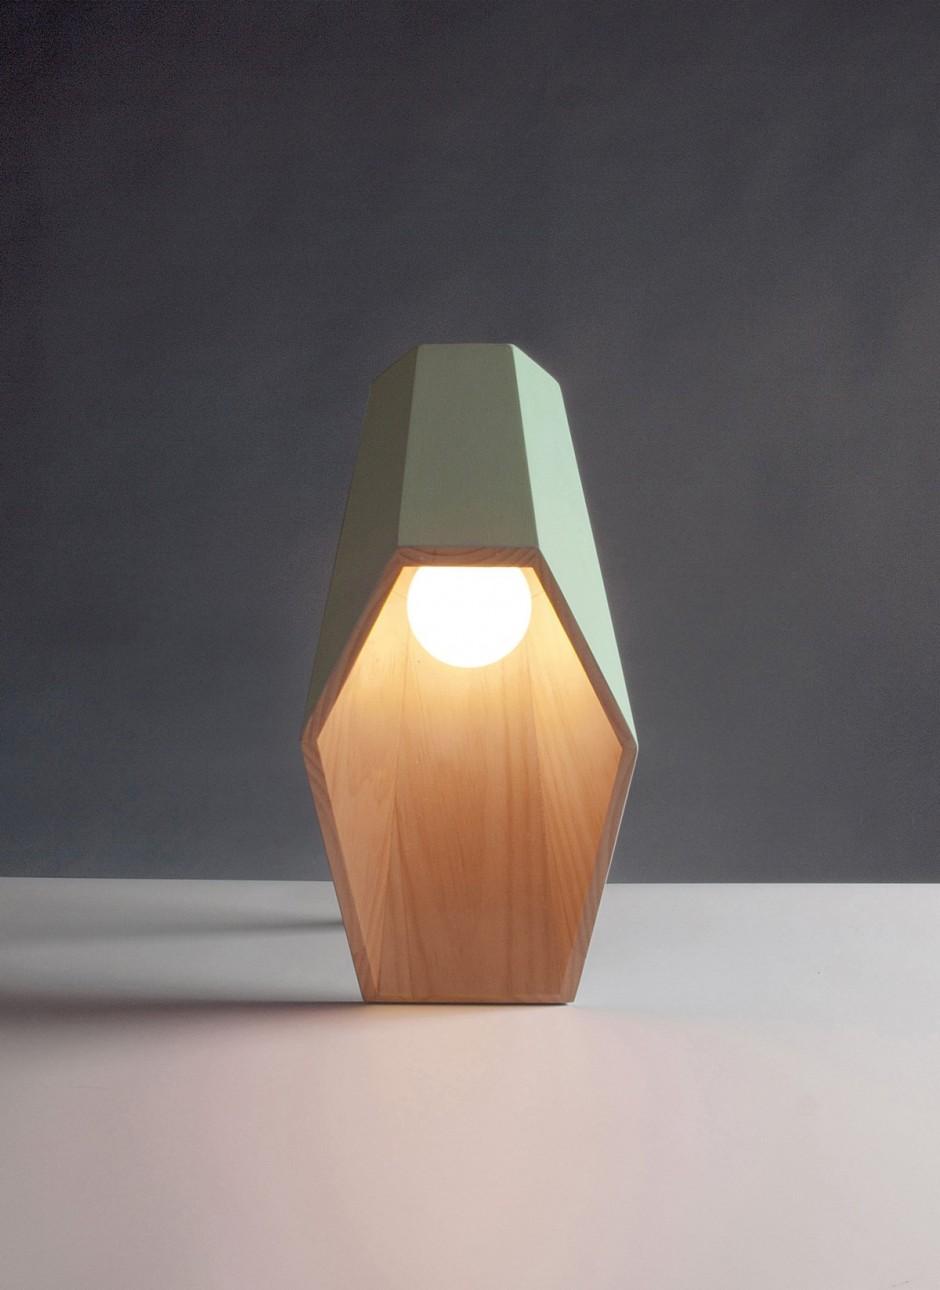 дизайнерский светильник фото